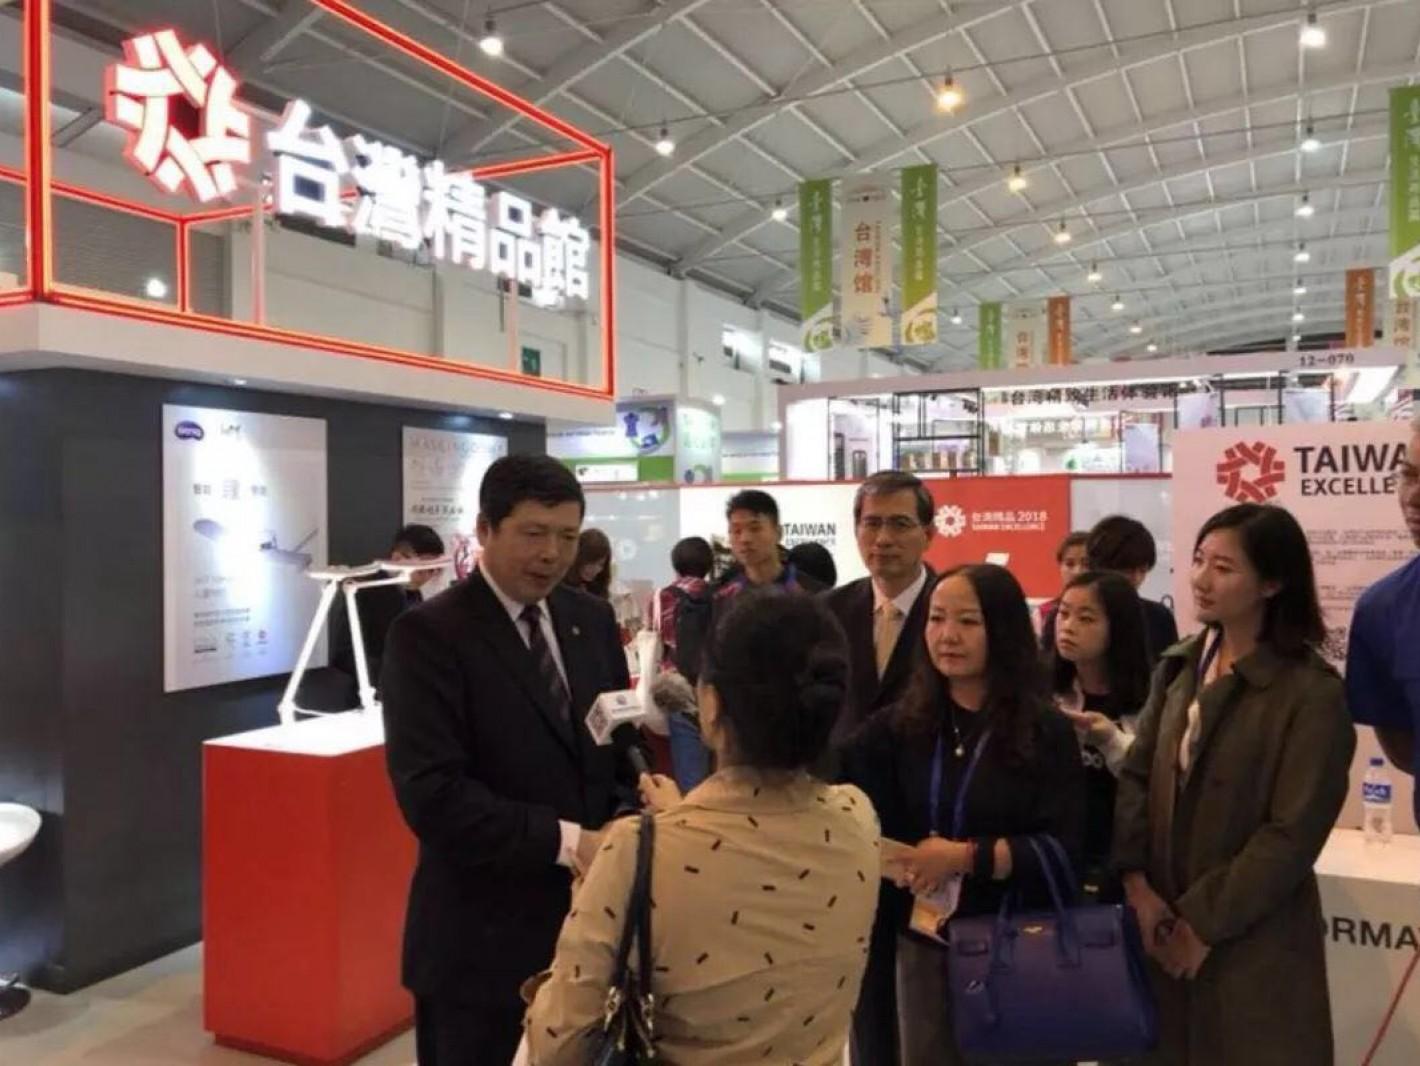 台灣貿易中心葉秘書長接受當地媒體專訪